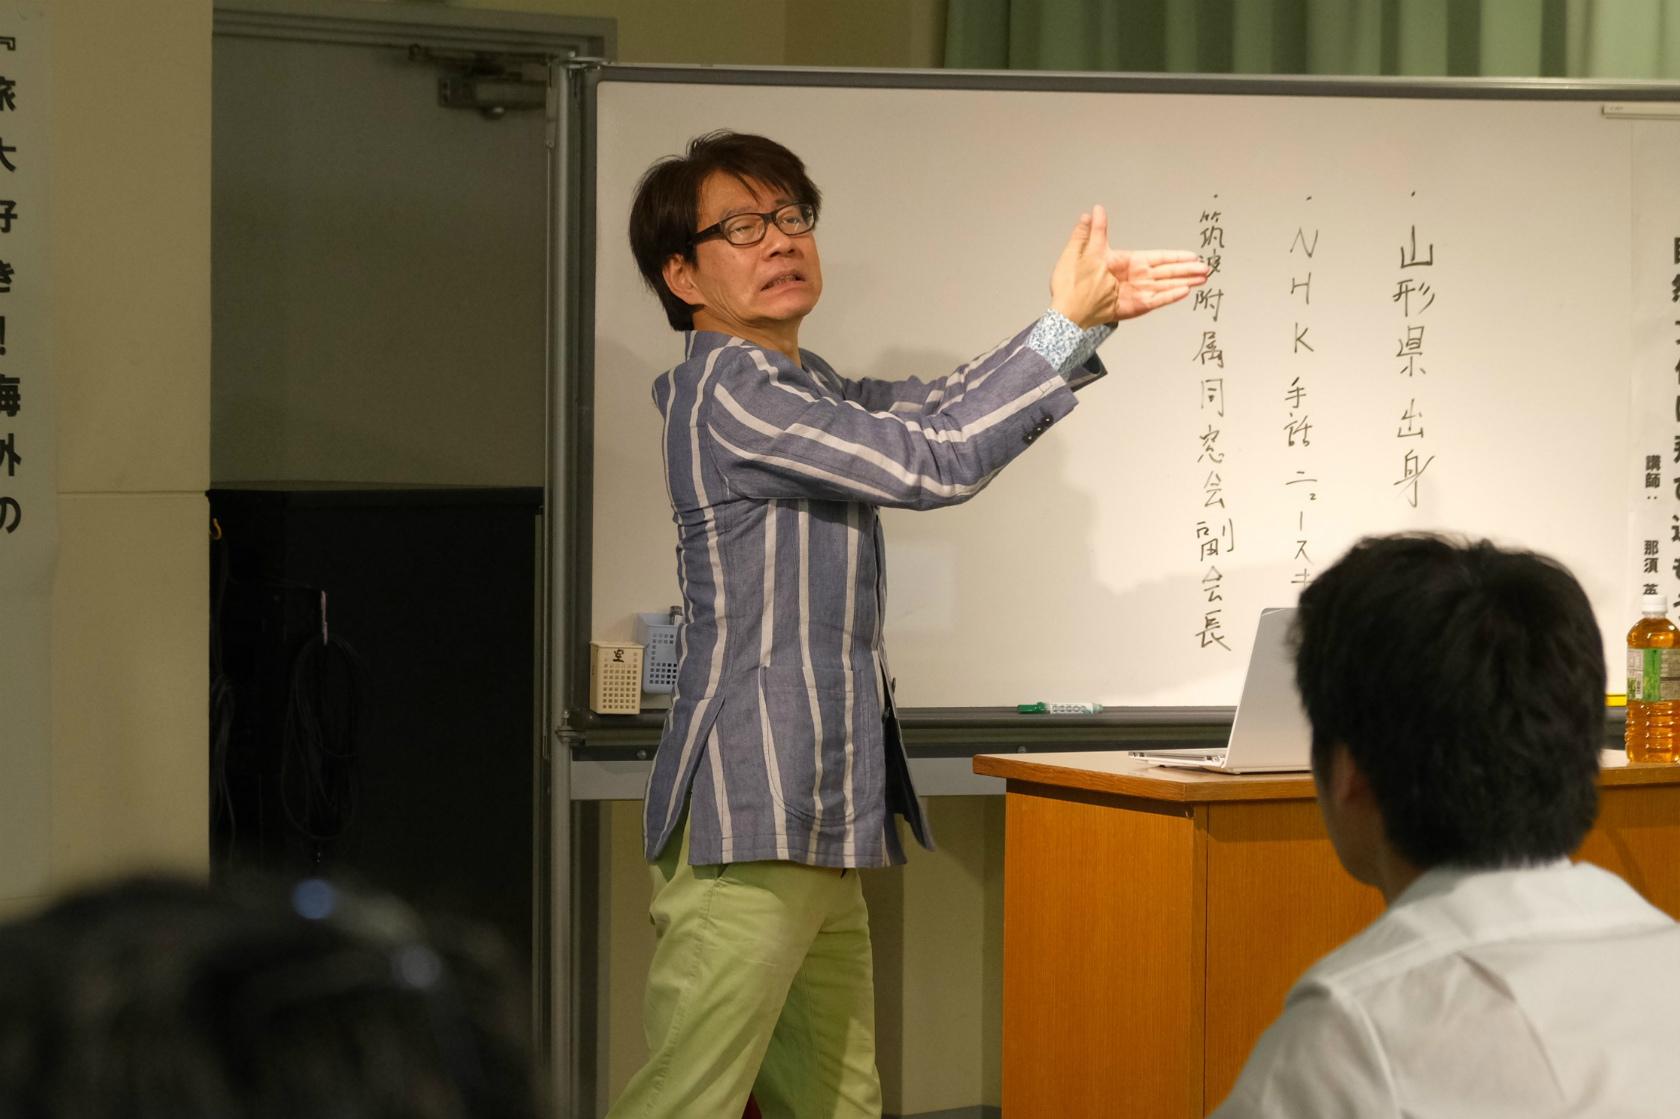 熱がこもる講師 那須氏